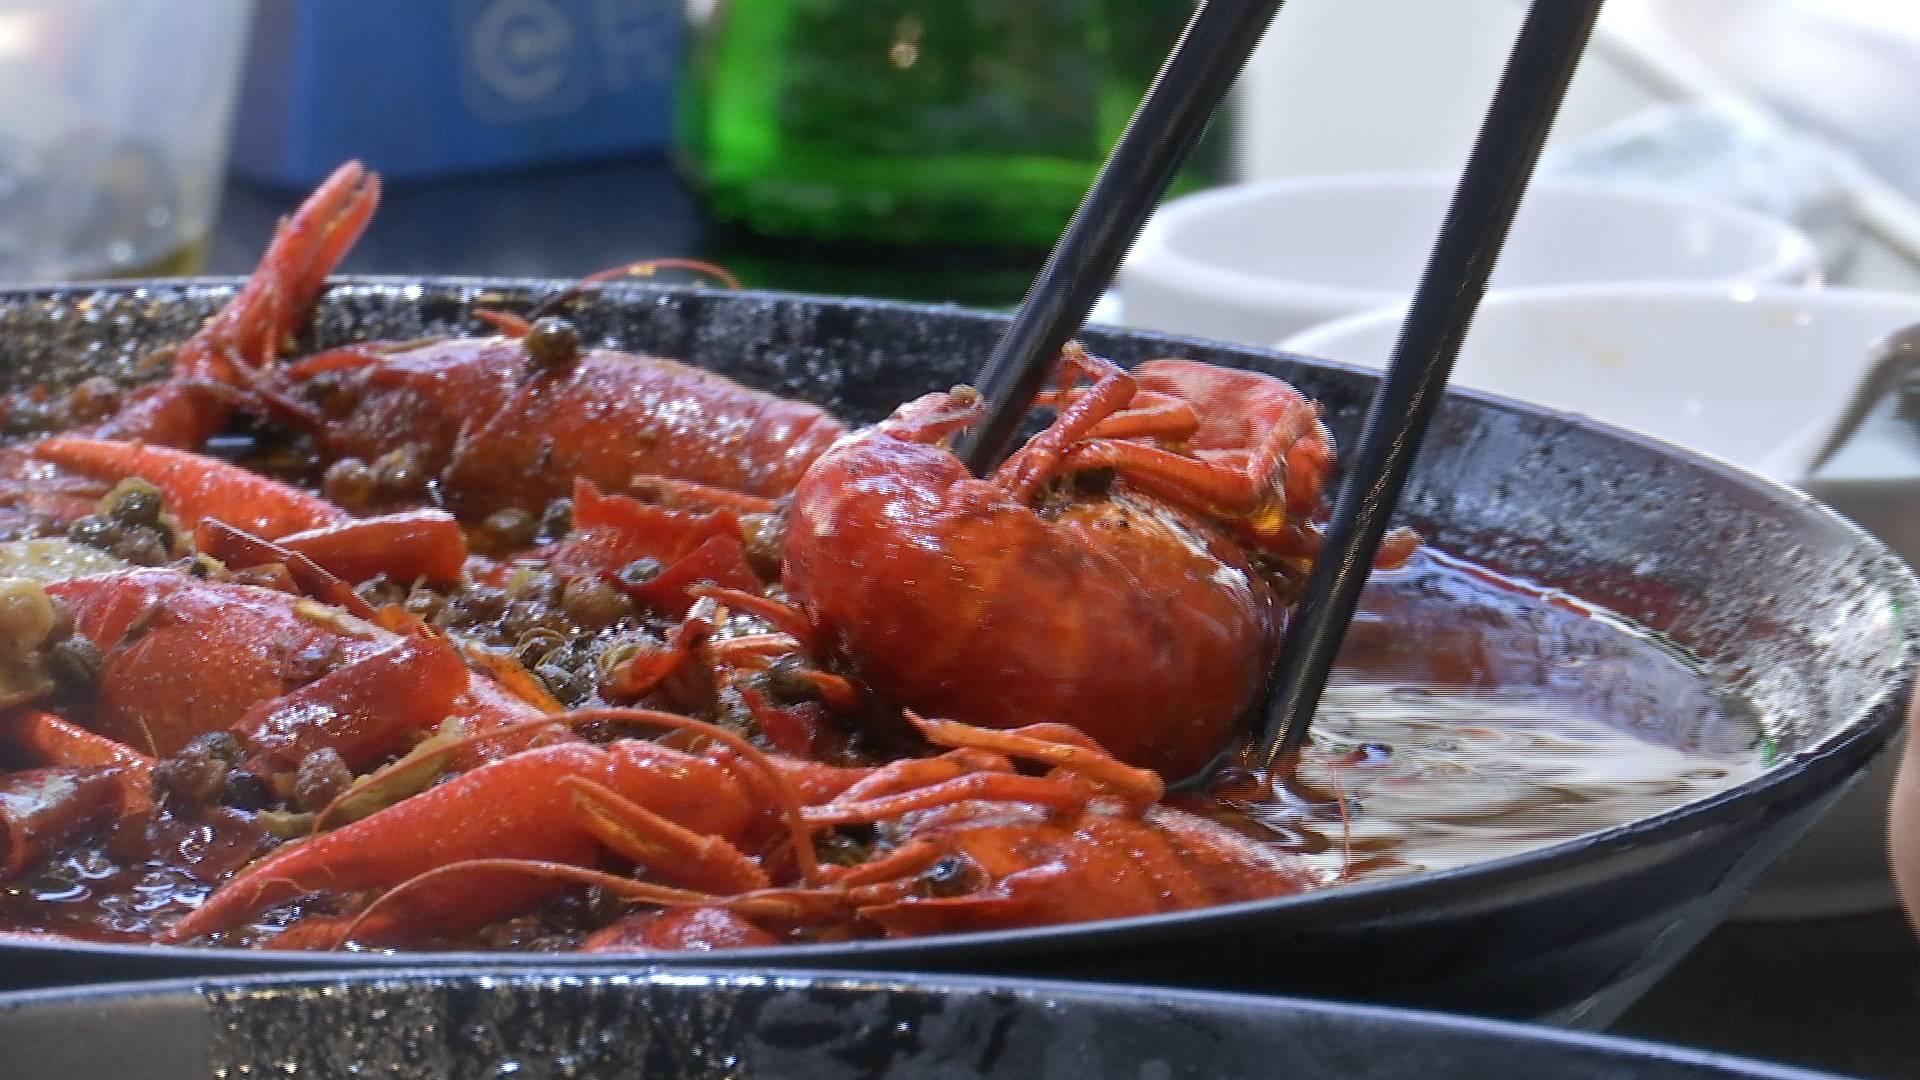 39秒 | 夜宵标配小龙虾如何从微山湖藕田到餐桌?